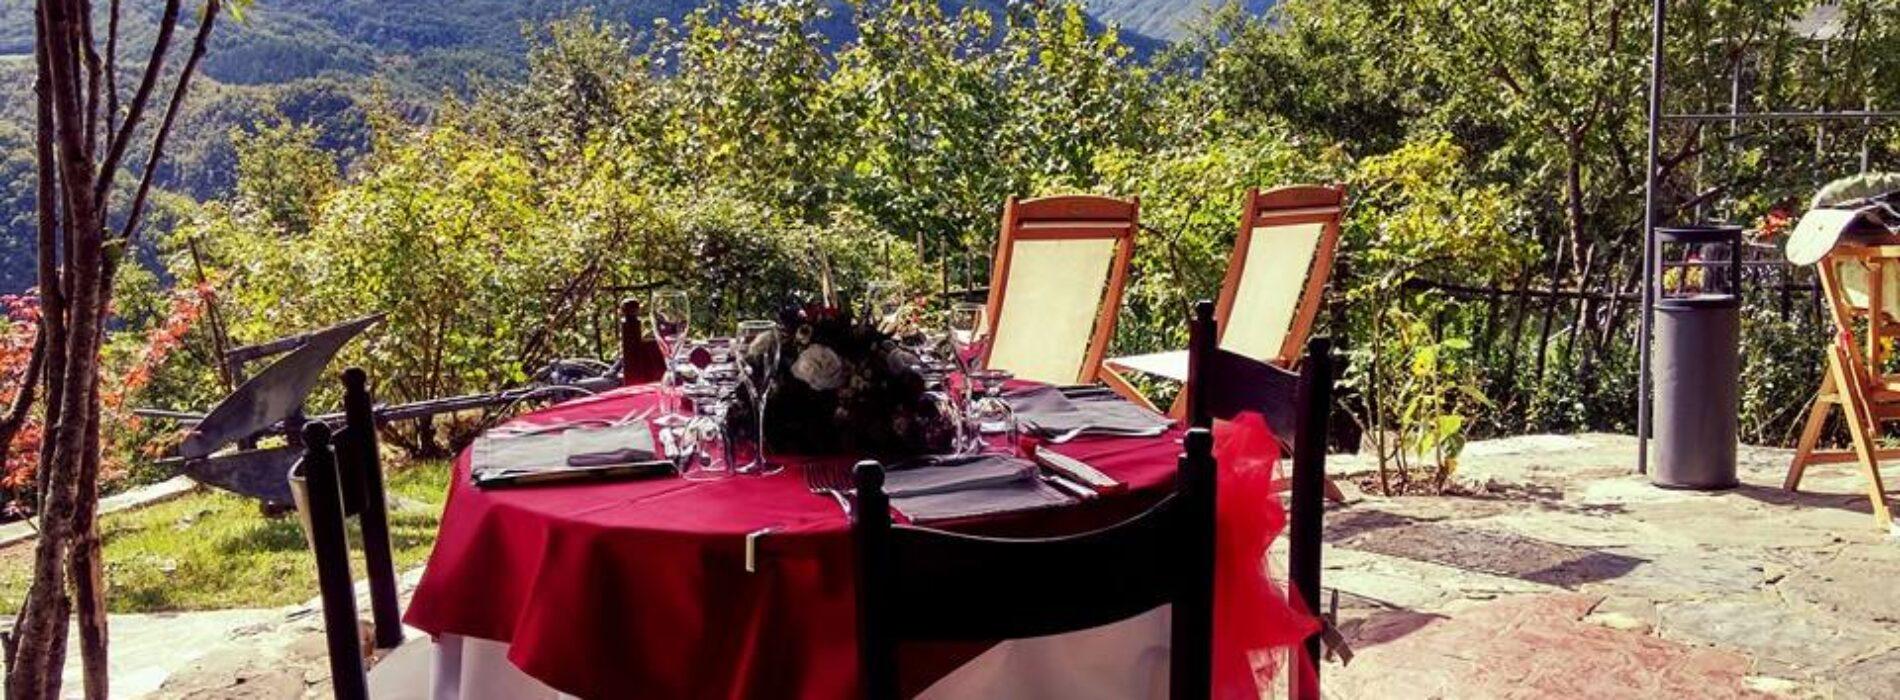 Ristoranti panoramici in Valtrebbia, dove mangiare fuori porta vicino a Milano